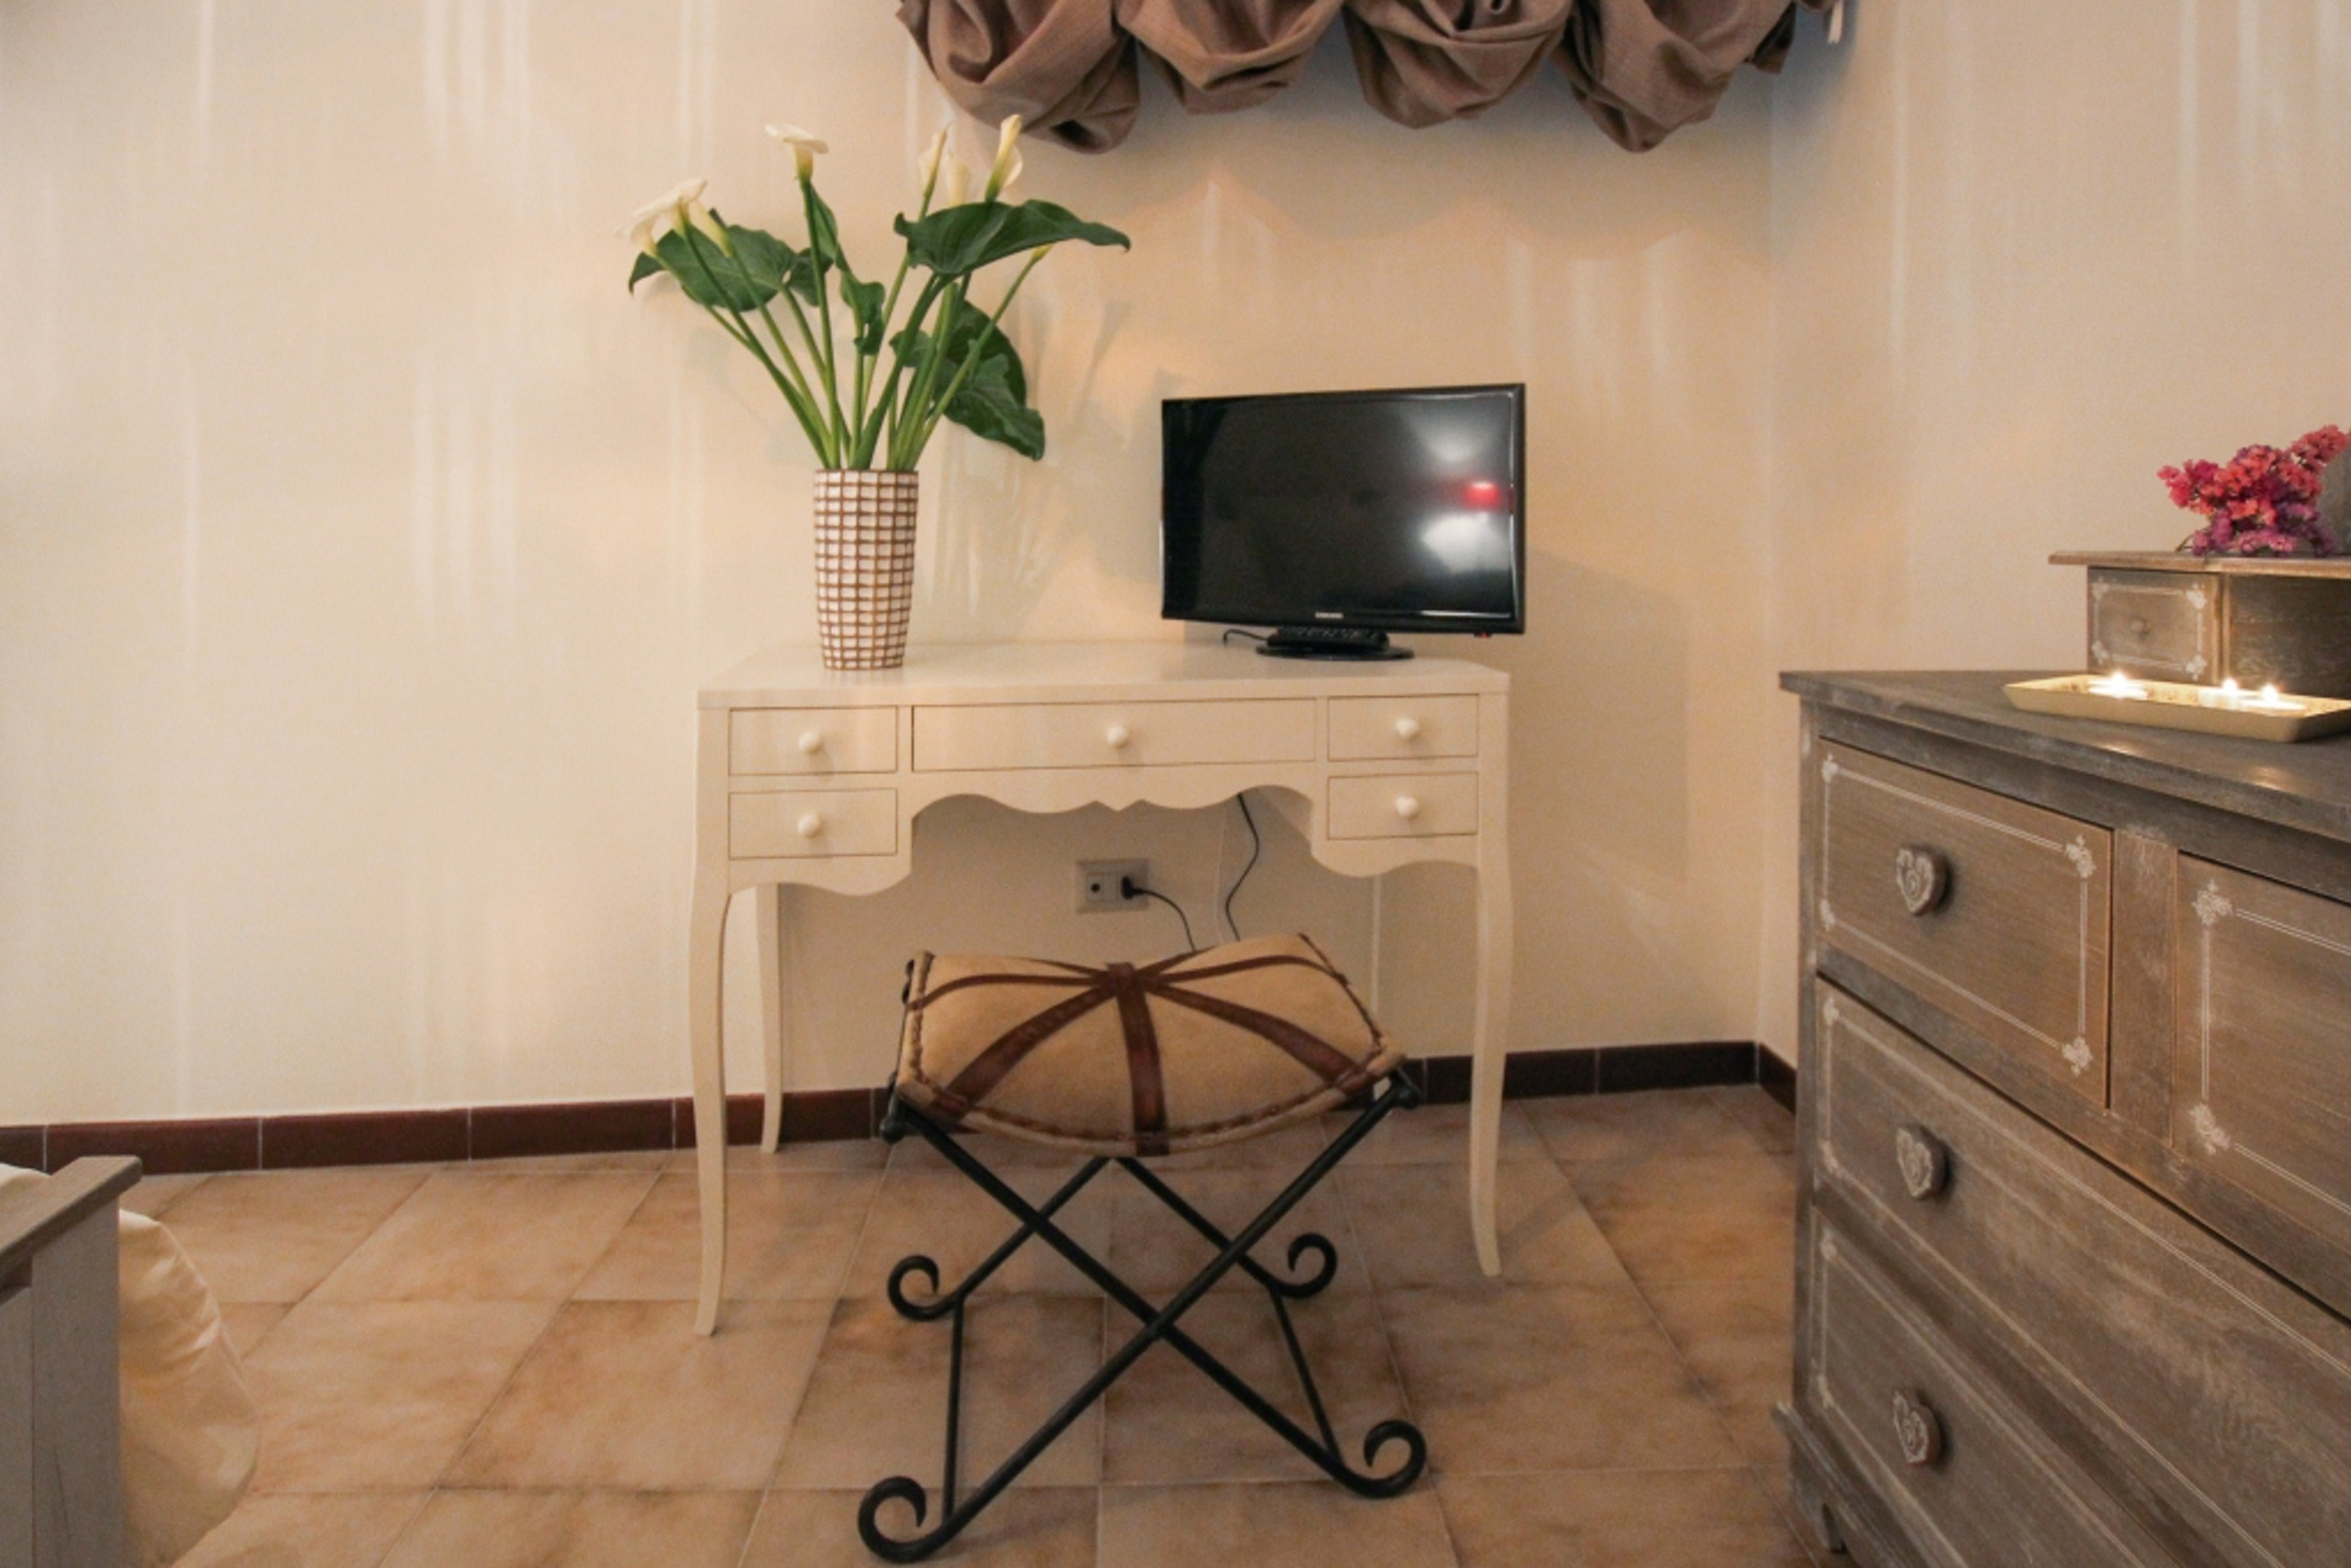 Ferienwohnung Wohnung mit 2 Schlafzimmern in Alberobello mit schöner Aussicht auf die Stadt und W-LAN -  (2201240), Alberobello, Bari, Apulien, Italien, Bild 18